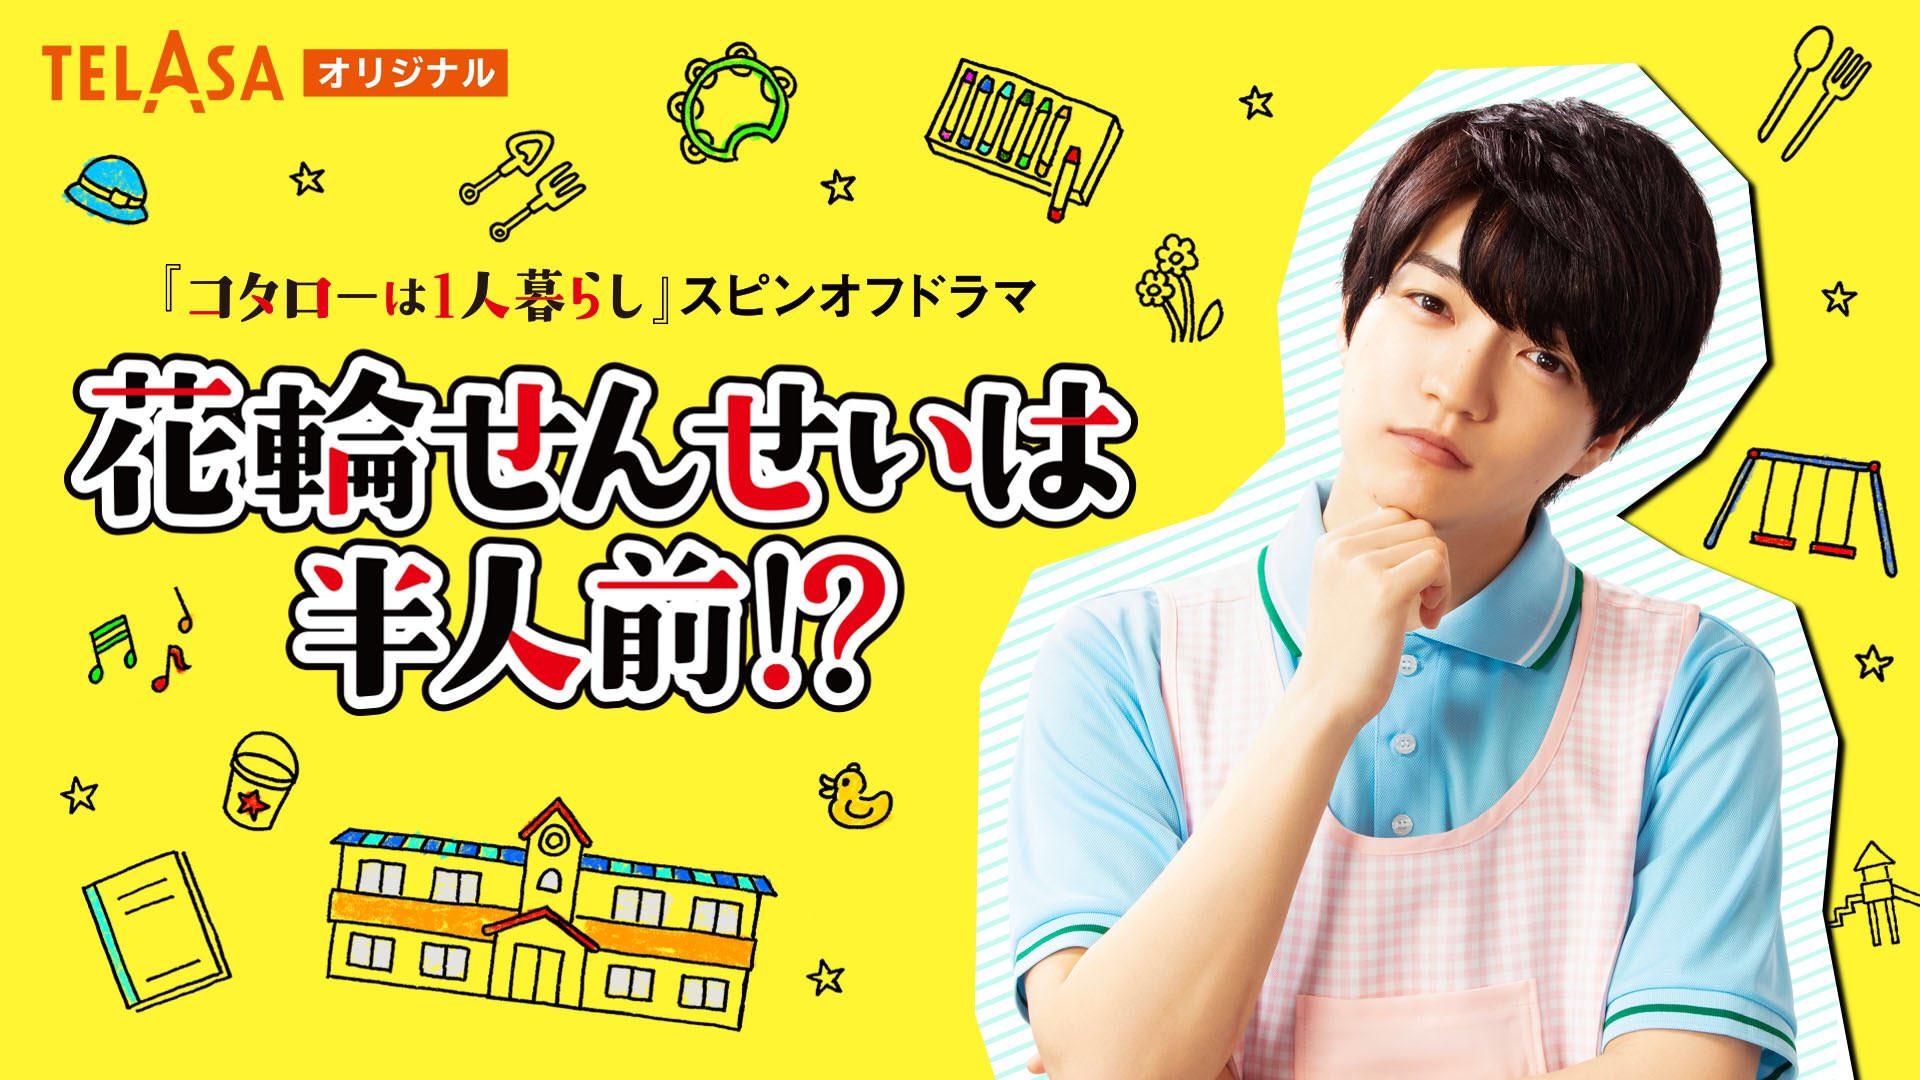 コタローは1人暮らし 花輪先生のスピンオフドラマ 5.22より配信開始!